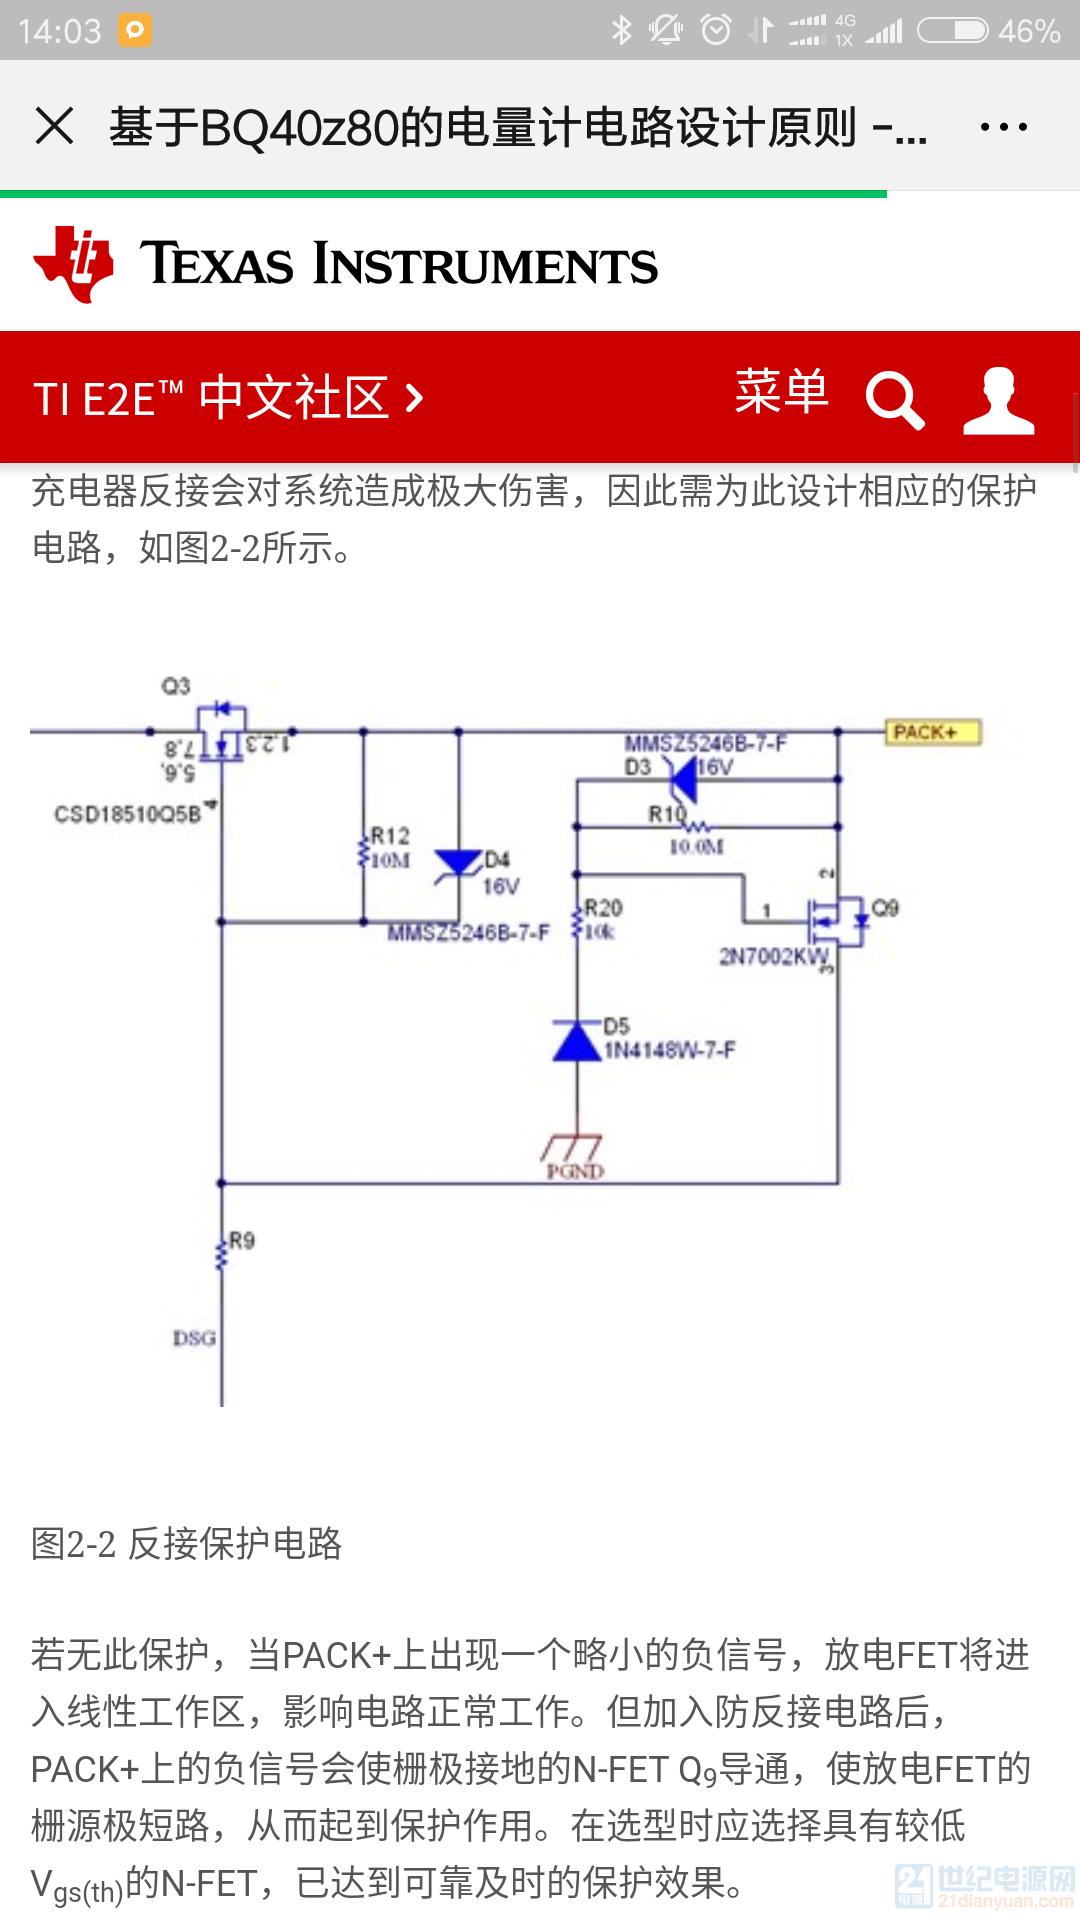 Screenshot_2019-11-01-14-03-39-297_com.tencent.mm.png